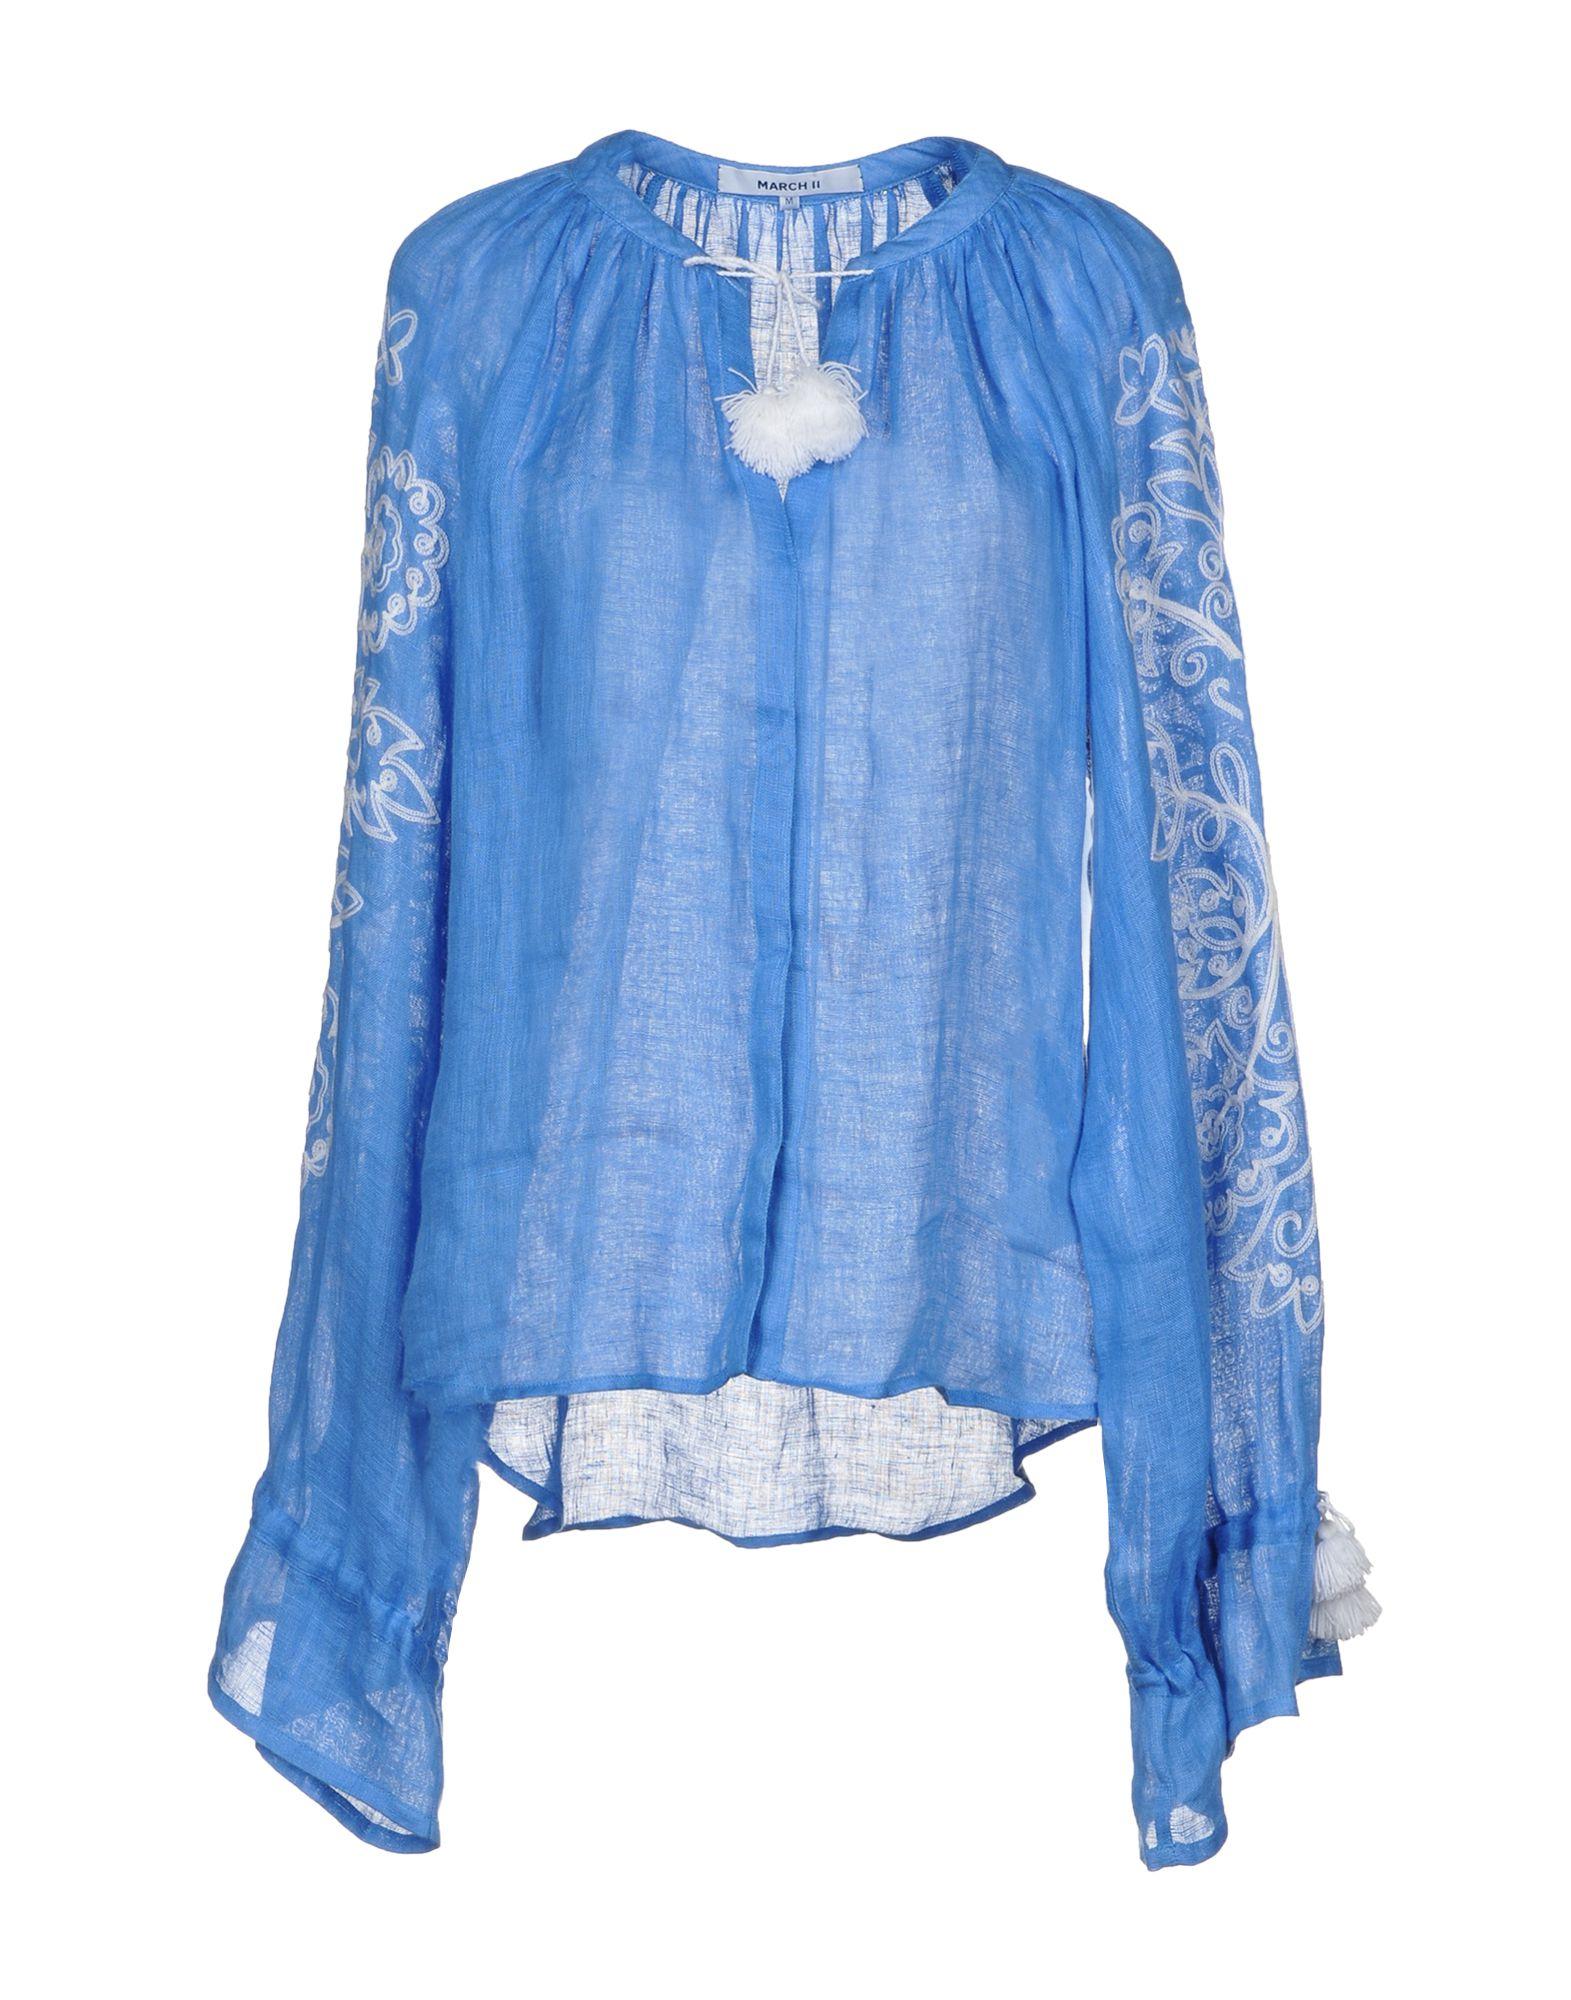 MARCH11 Linen Shirt in Azure